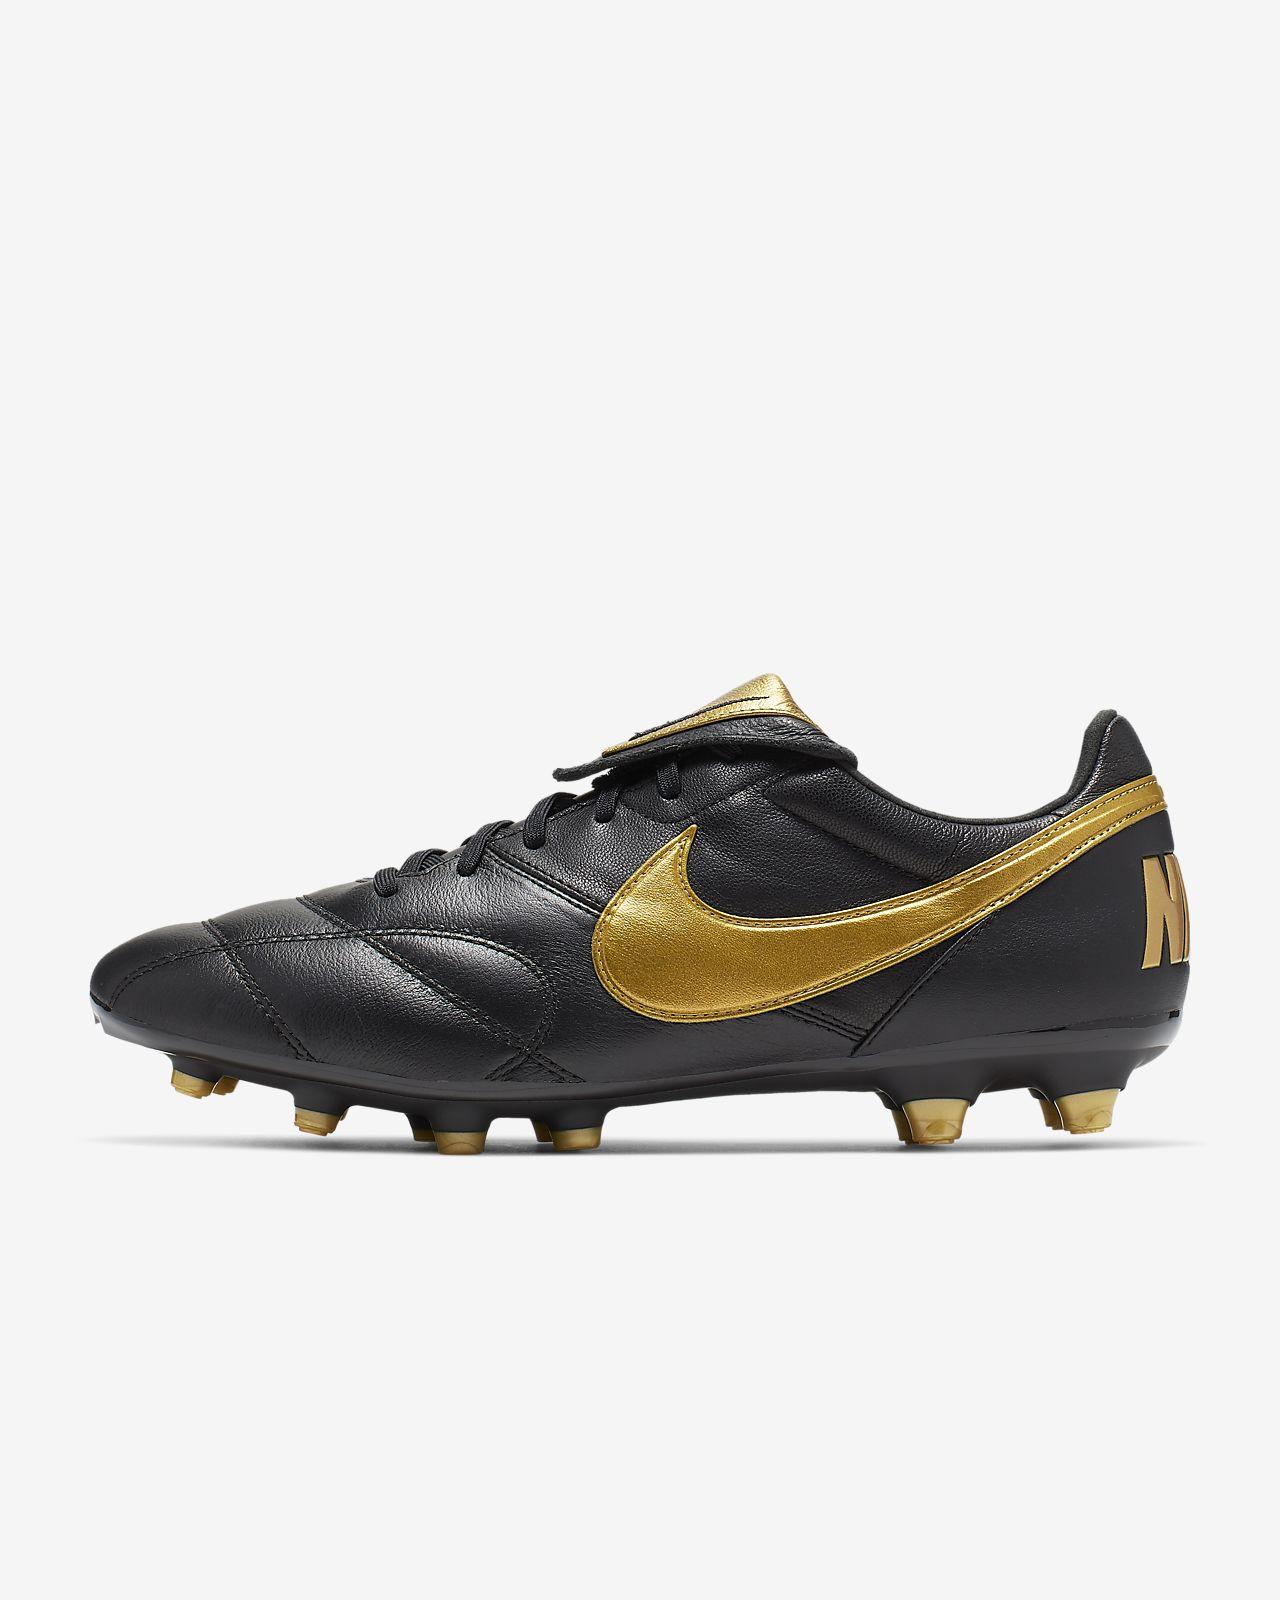 197ce013 Футбольные бутсы для игры на твердом грунте Nike Premier II FG. Nike ...